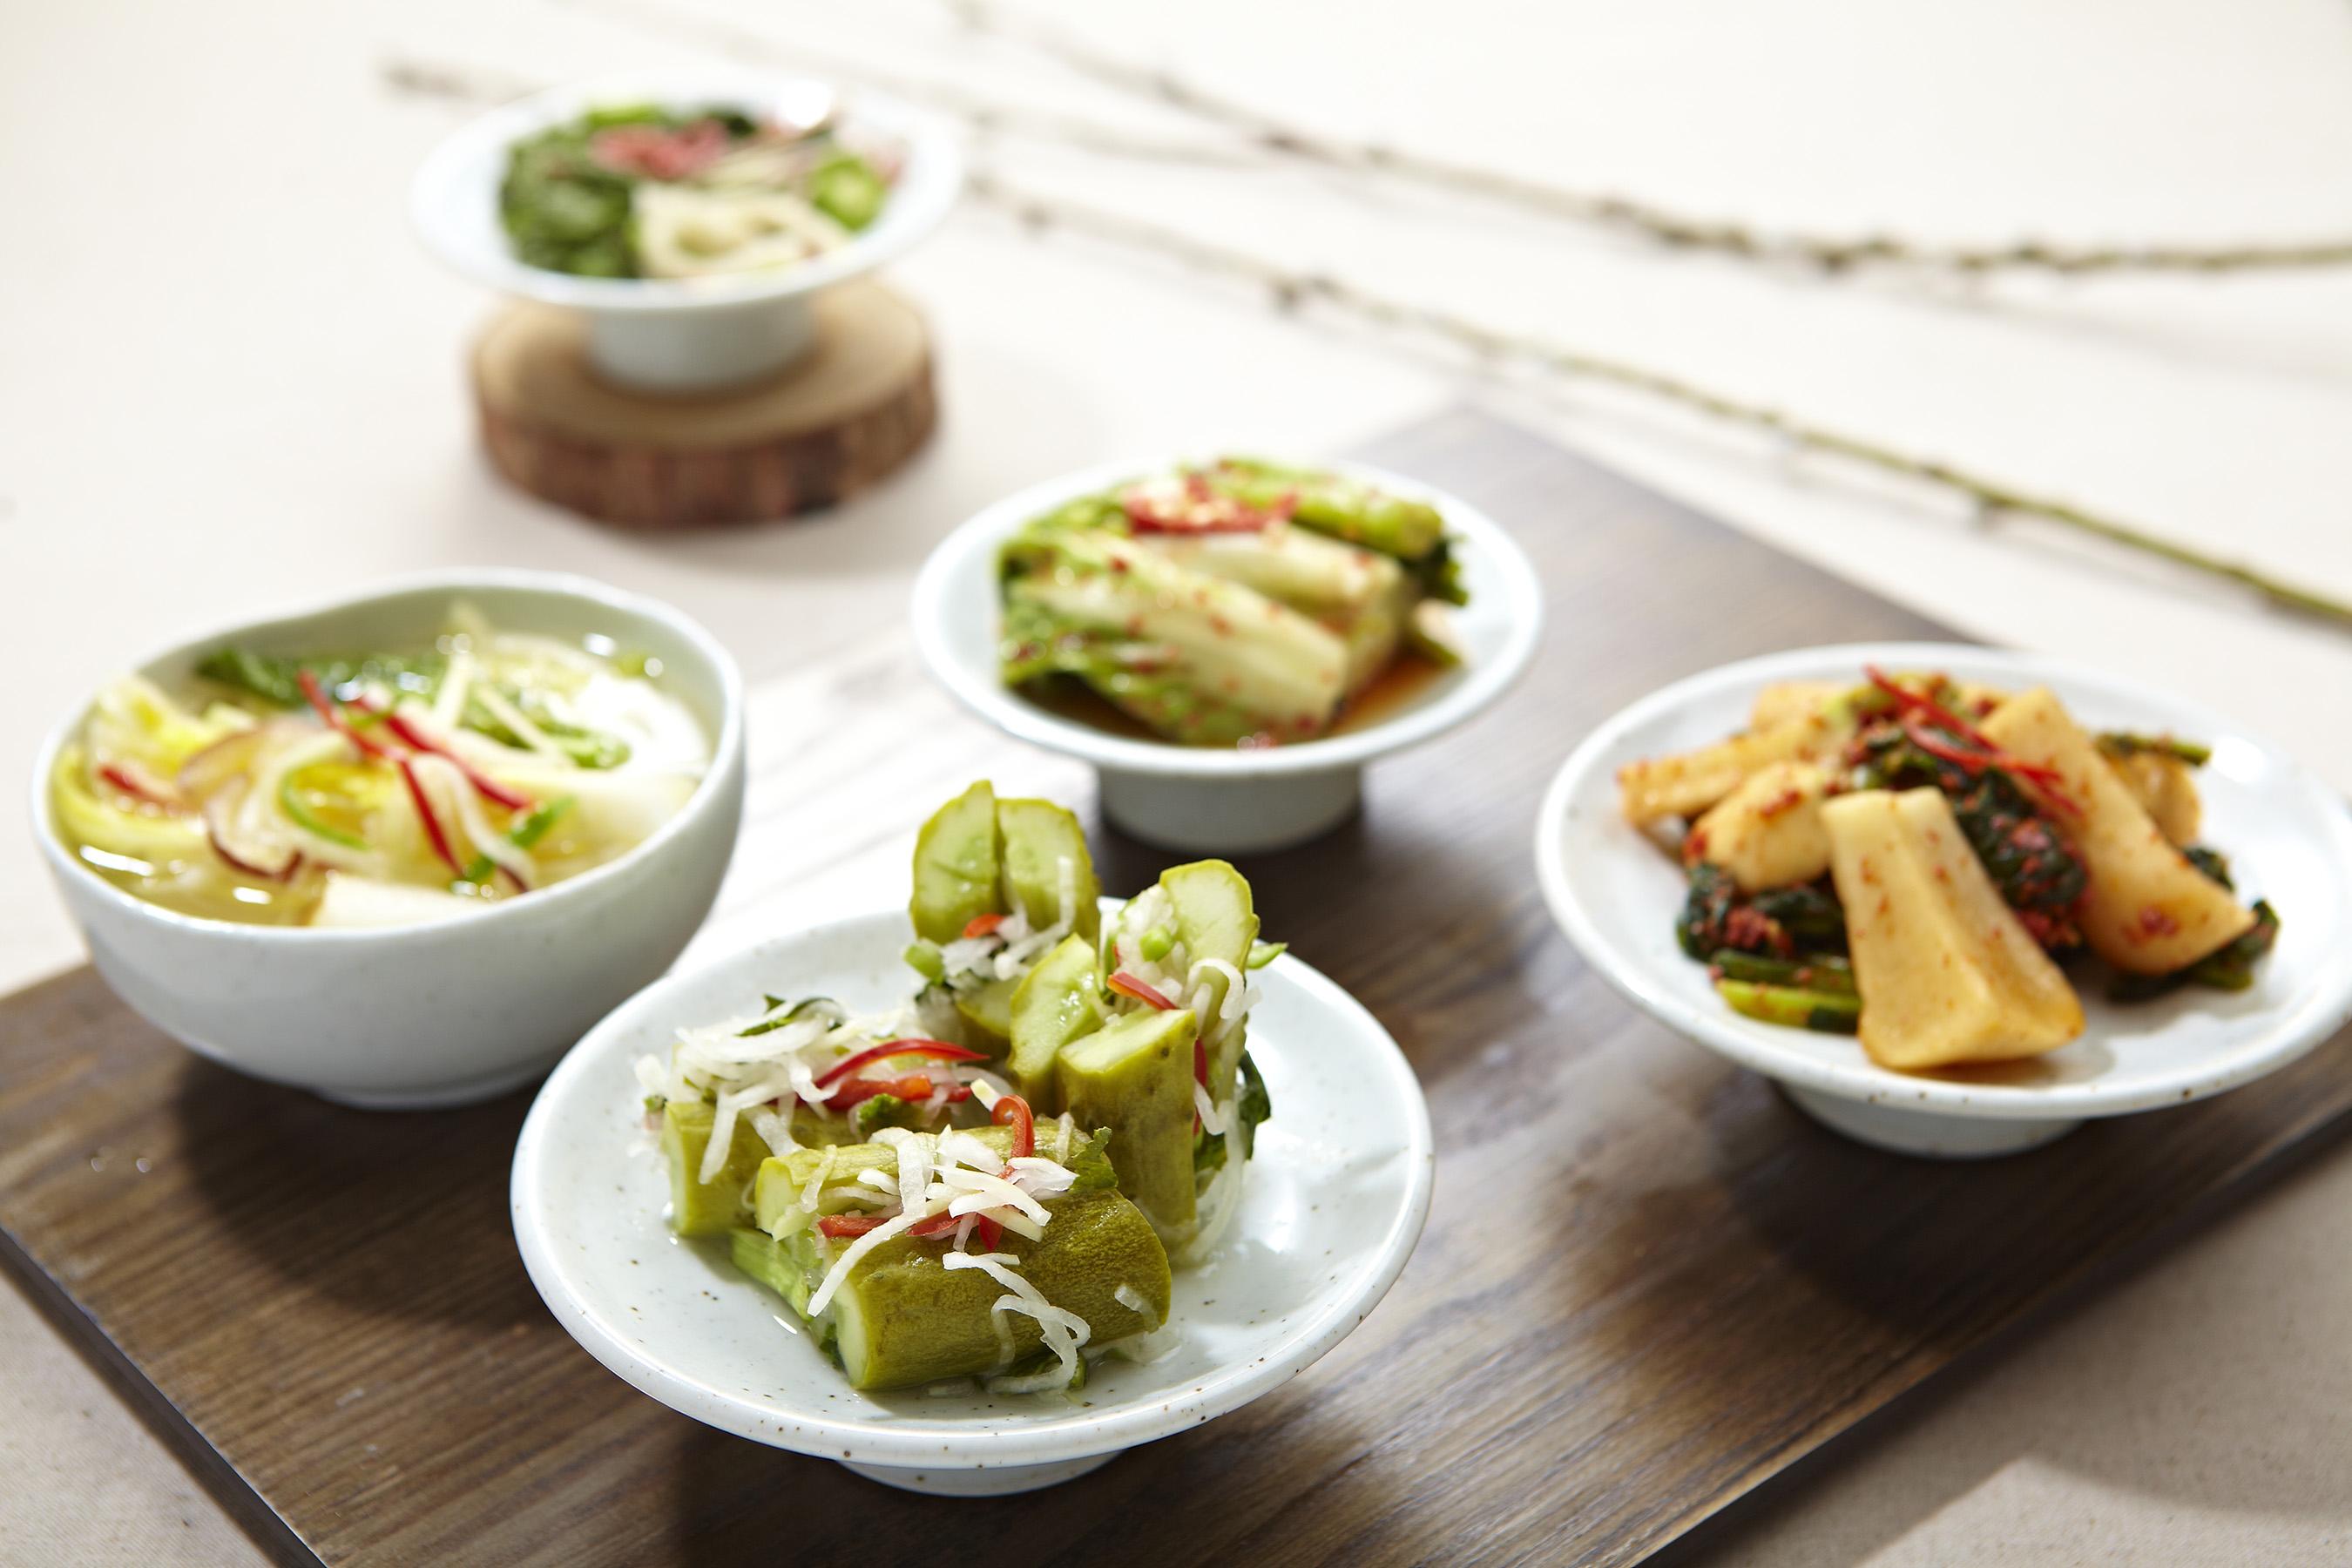 Kimchi variations